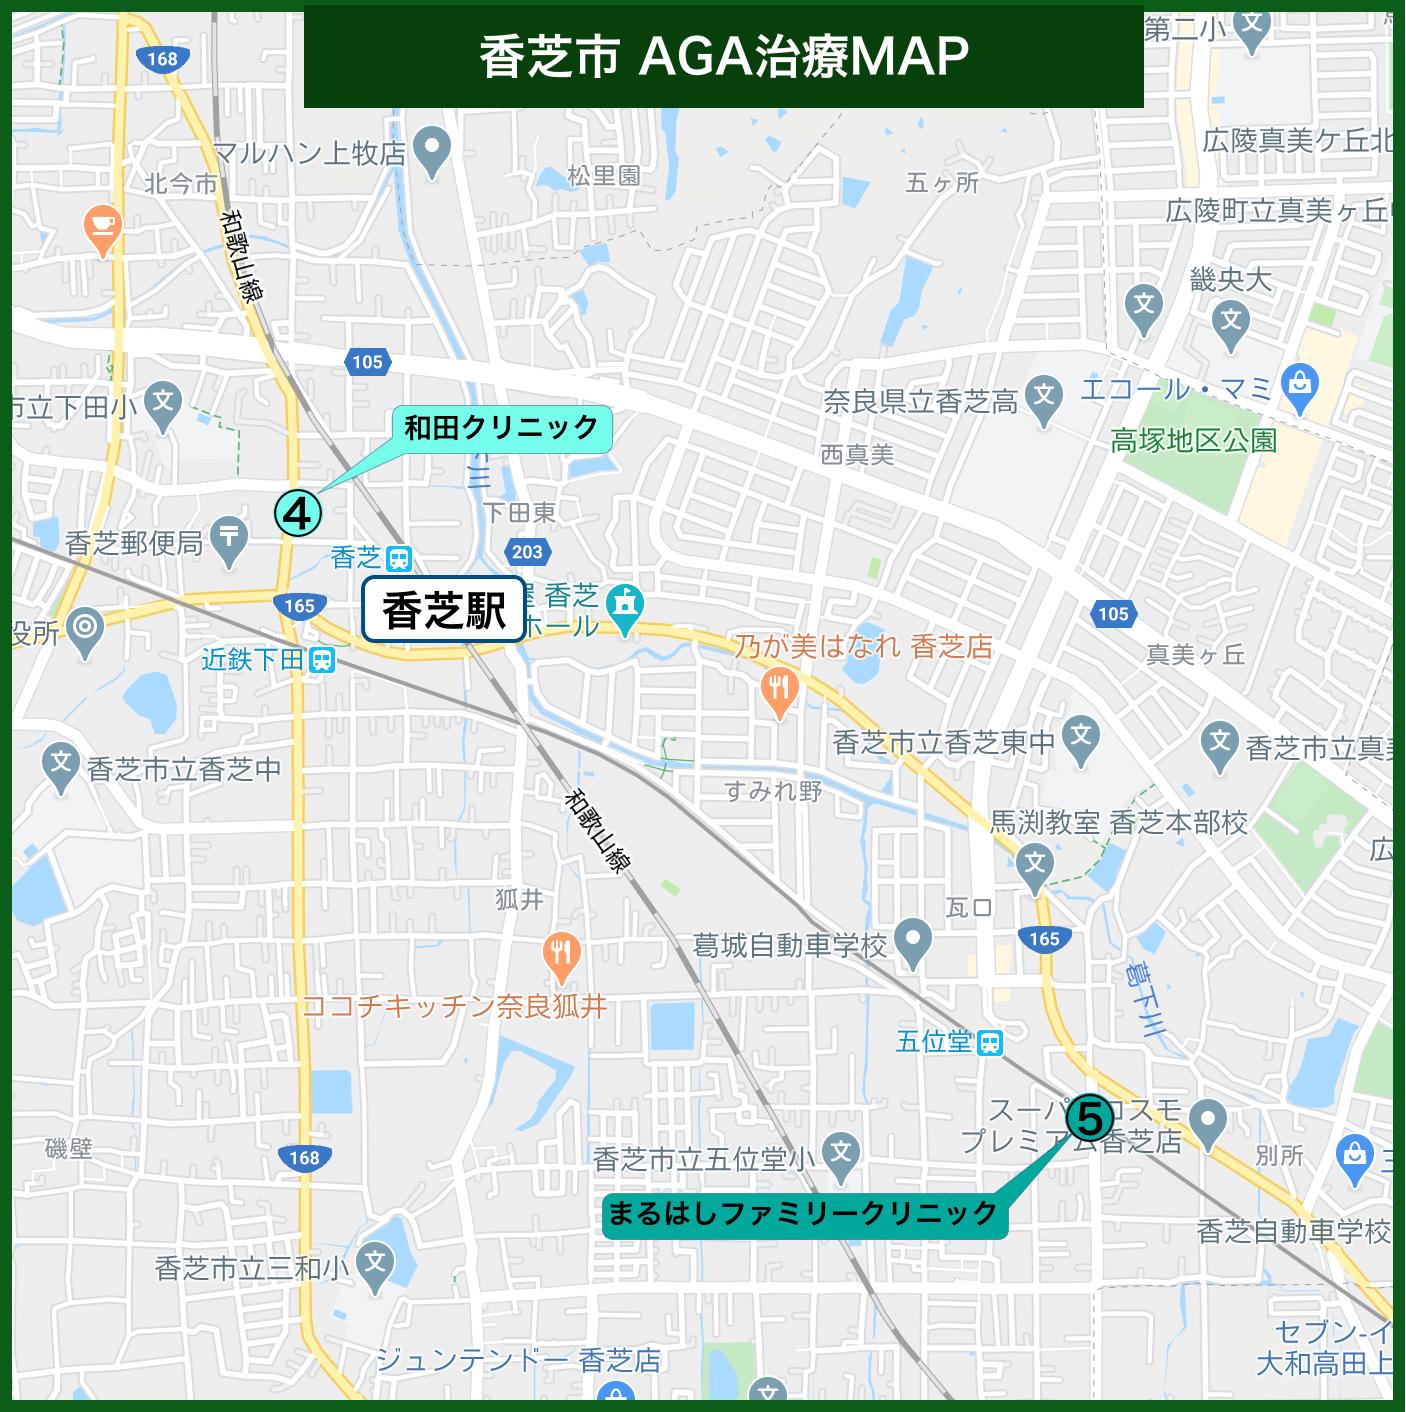 香芝市 AGA治療MAP